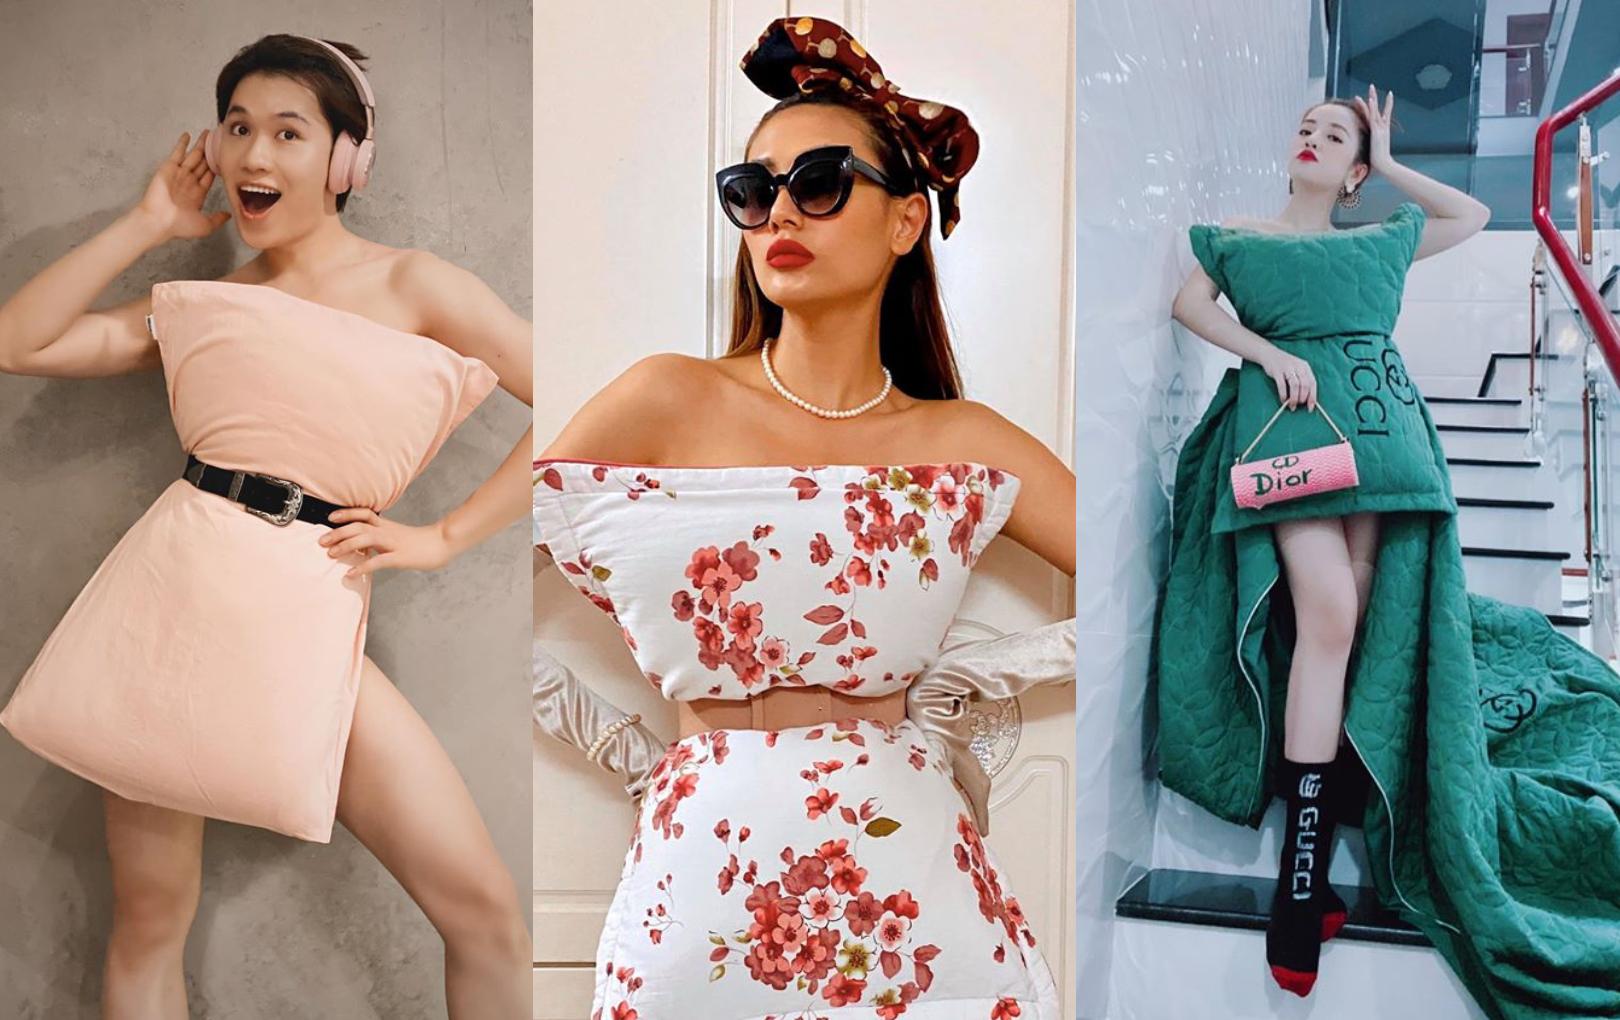 Sao Việt ngày càng mê mẩn trào lưu lấy gối làm váy: Càng về sau càng chất, loạt sao nam nhanh chóng nhập cuộc